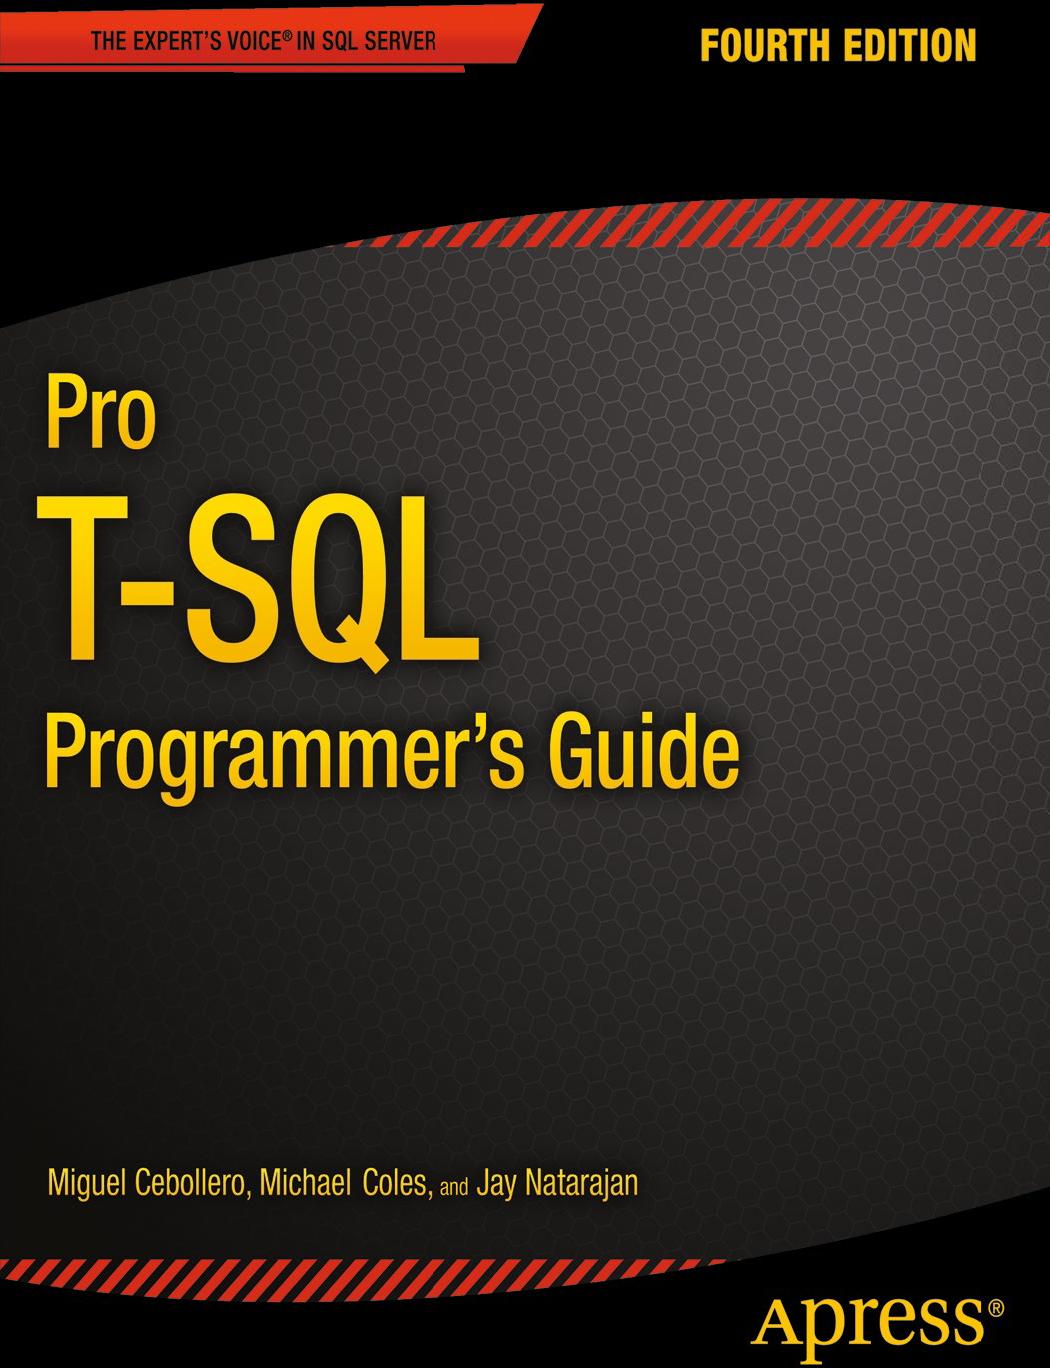 Pro T SQL Programmer's Guide (4th Edition) Miguel Cebollero Apress